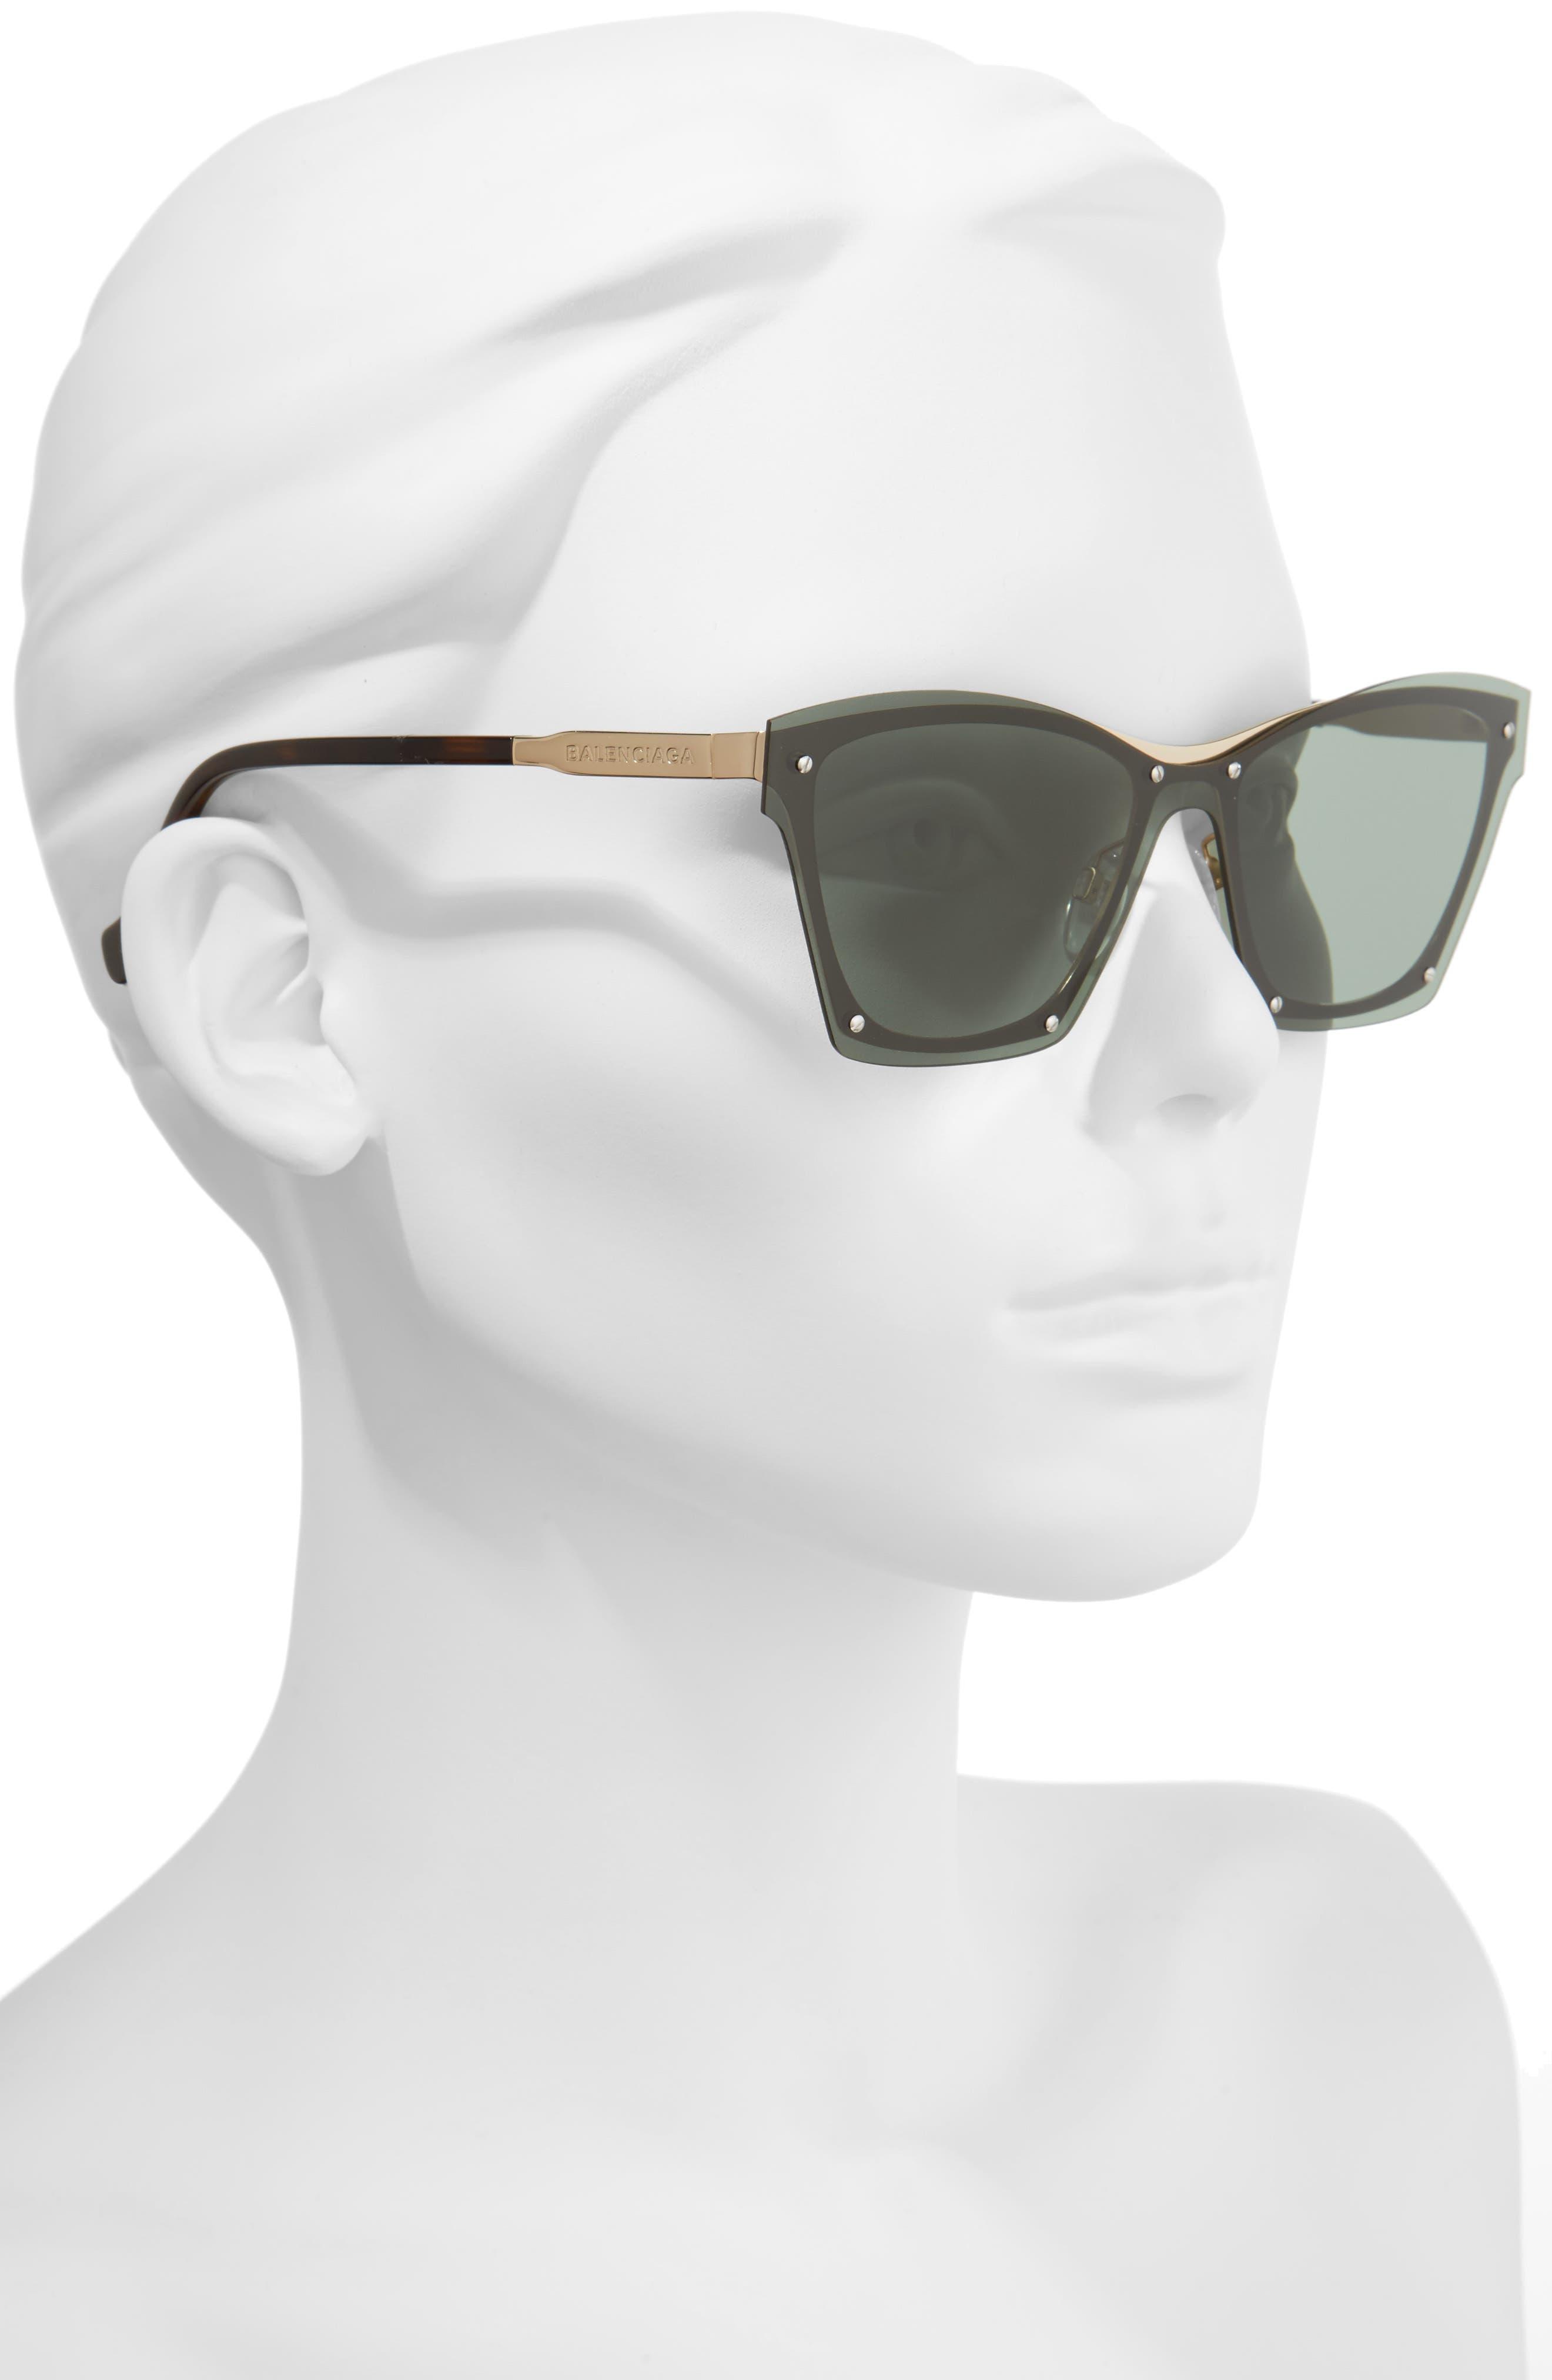 55mm Frameless Sunglasses,                             Alternate thumbnail 6, color,